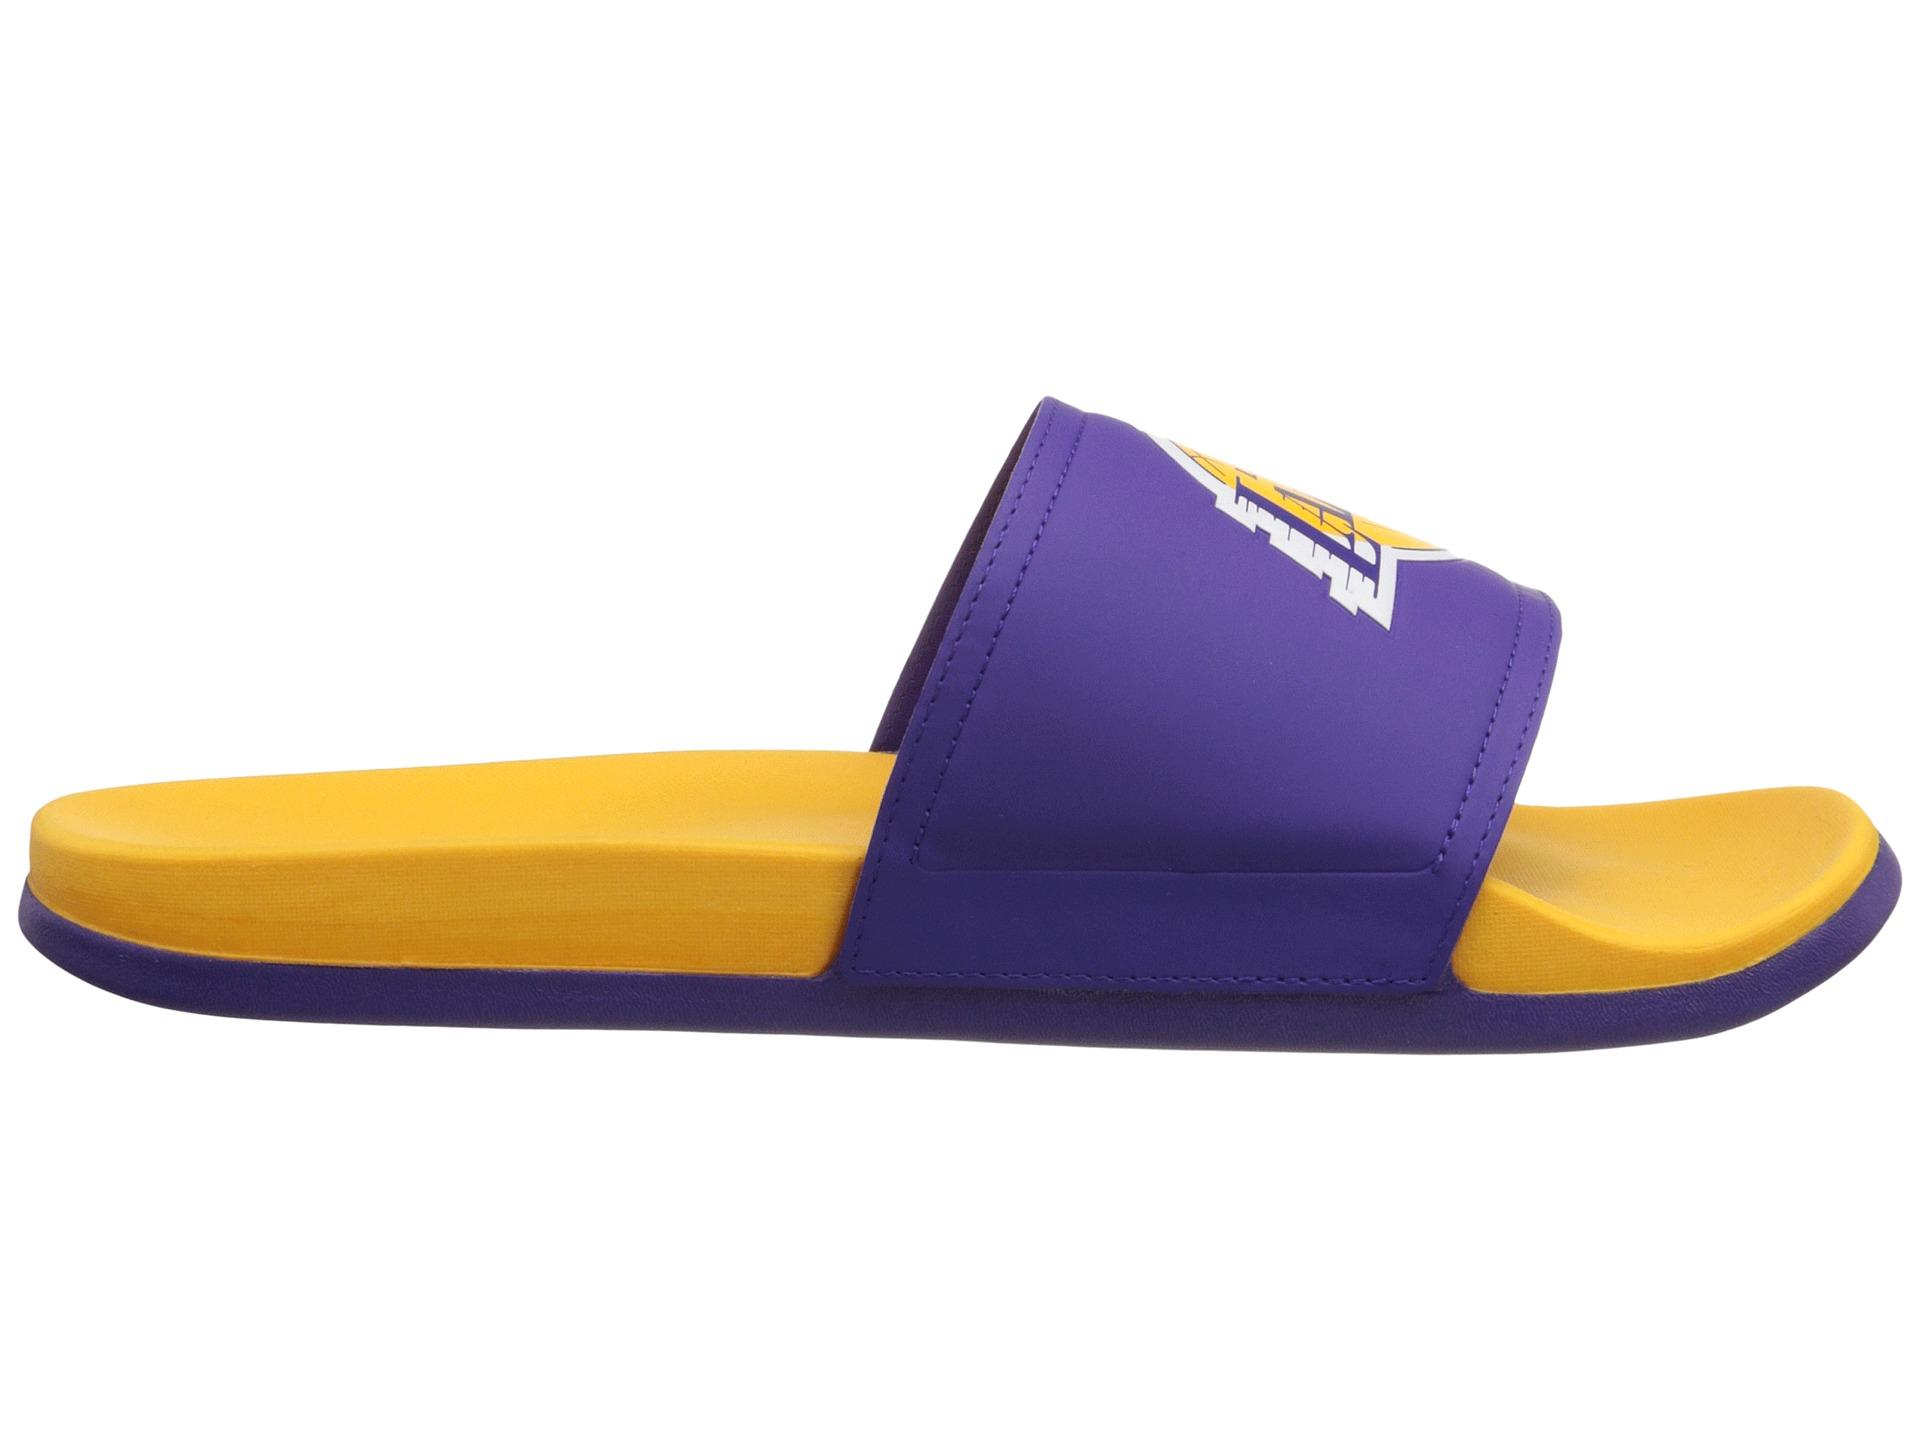 89c7dd8e638 Lyst - adidas Adilette - La Lakers in Purple for Men